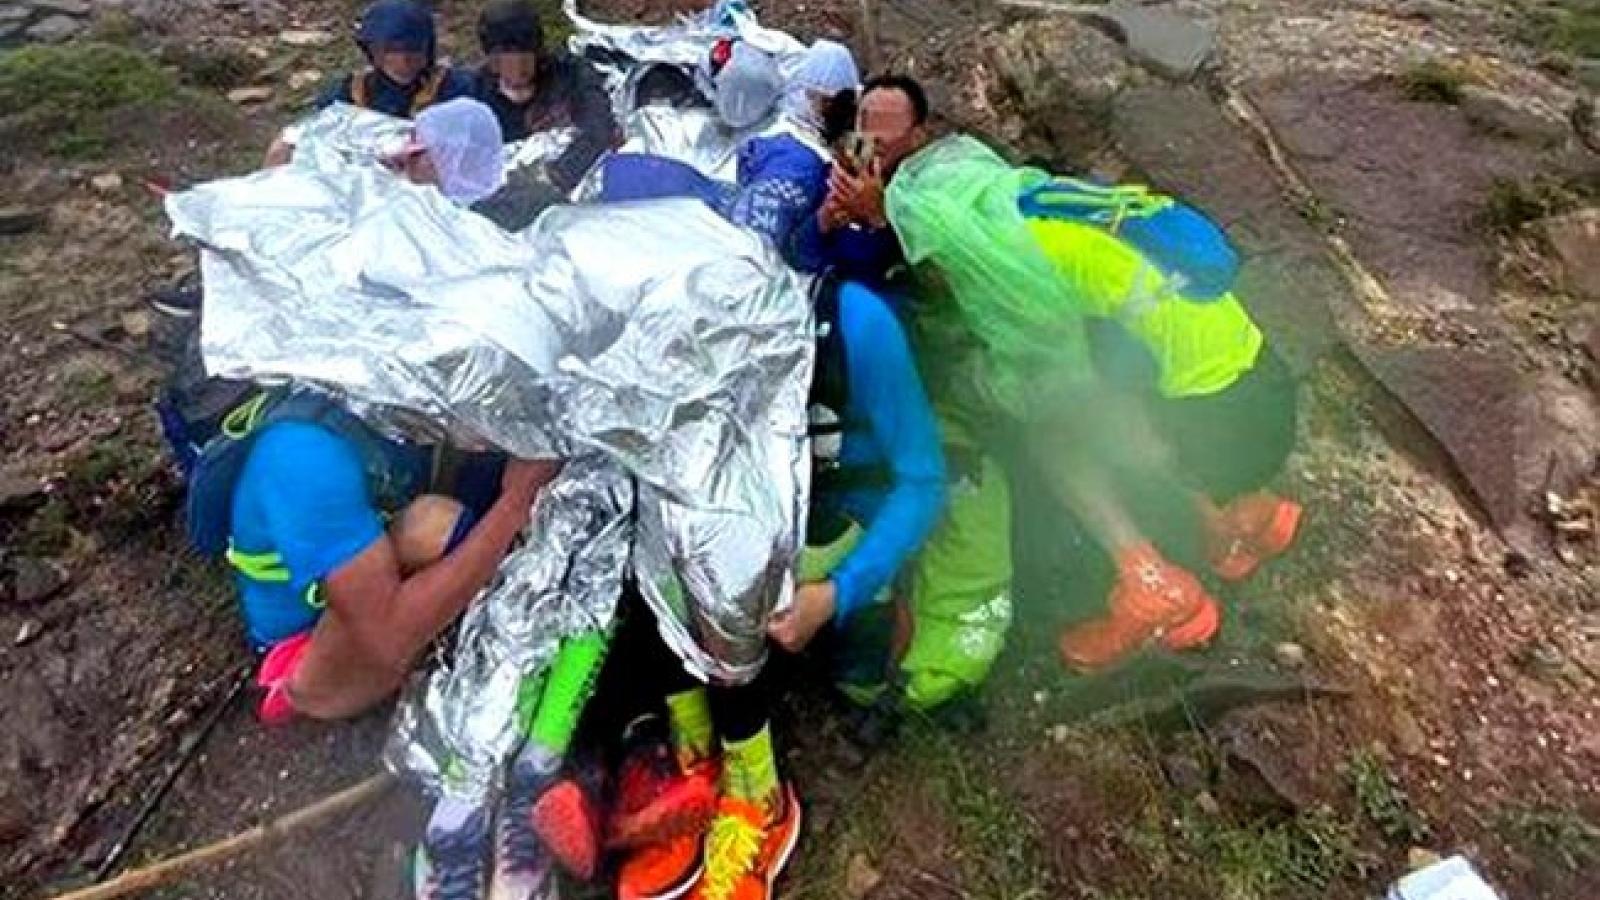 Trung Quốc hoãn, hủy hàng loạt giải chạy việt dã sau sự kiện 21 người thiệt mạng